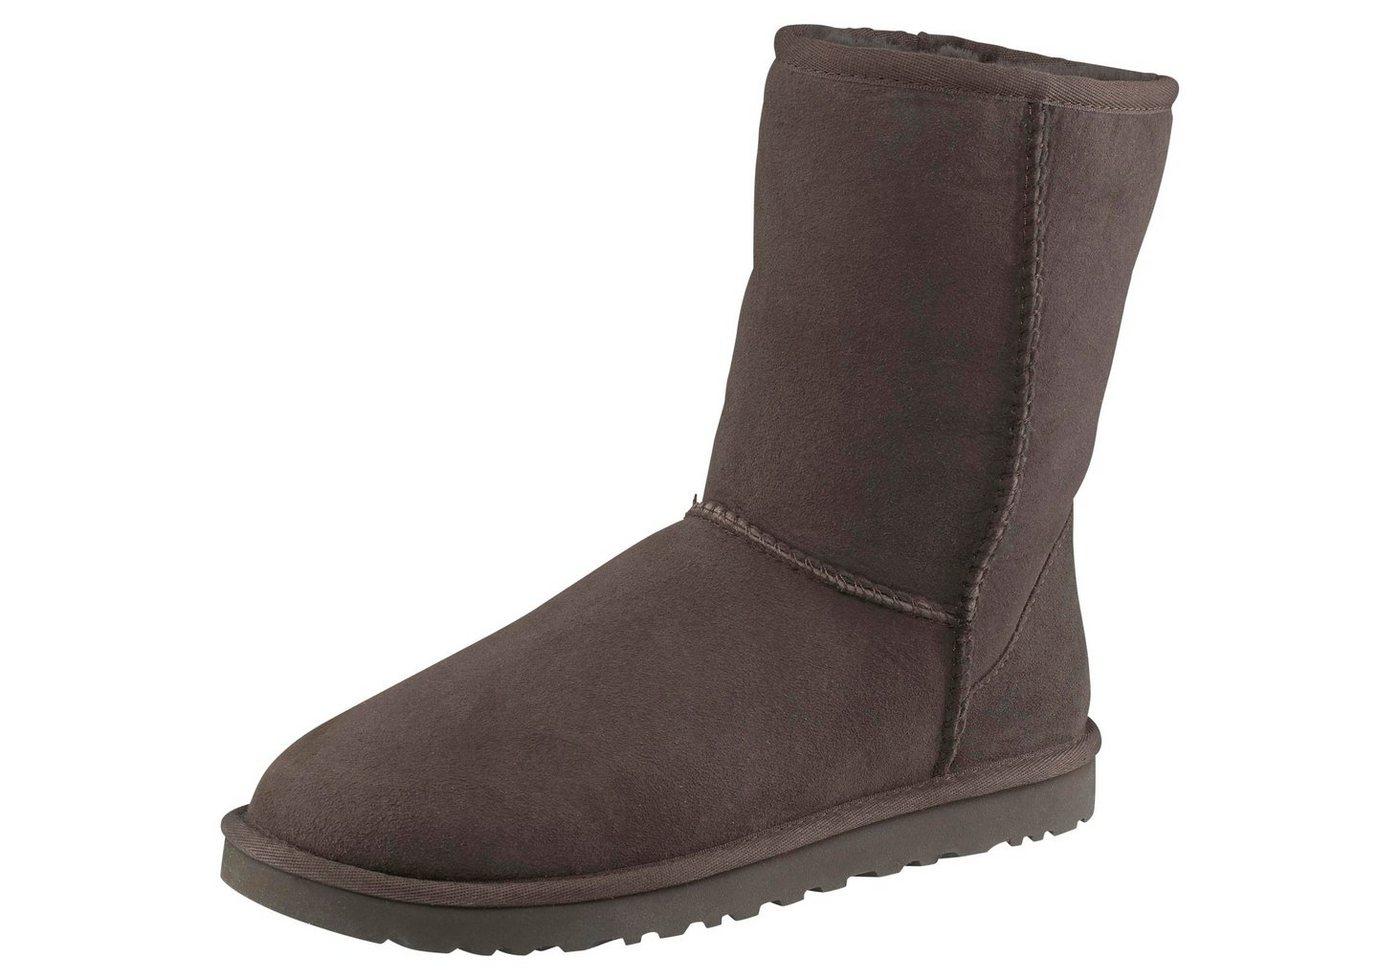 UGG »Classic Short 2« Winterboots in klassischer Form | Schuhe > Boots > Winterstiefel | Braun | UGG